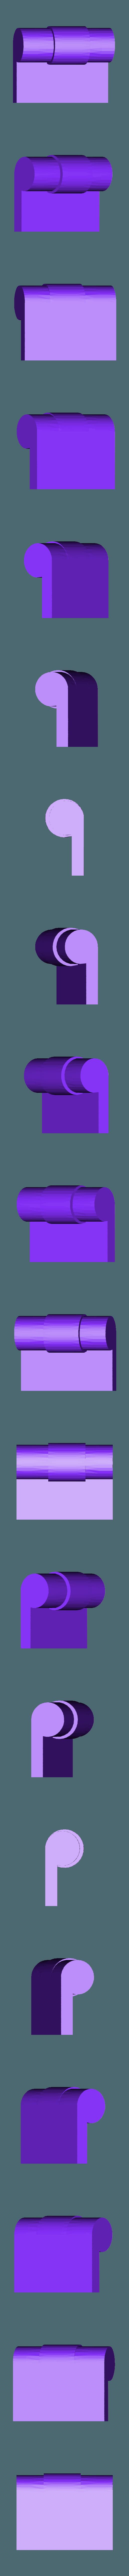 Hinge_Hood.stl Descargar archivo STL CHEVY VAN G20 RC BODY SCALER AXIAL MST TRX4 RC4WD • Modelo para imprimir en 3D, ilyakapitonov